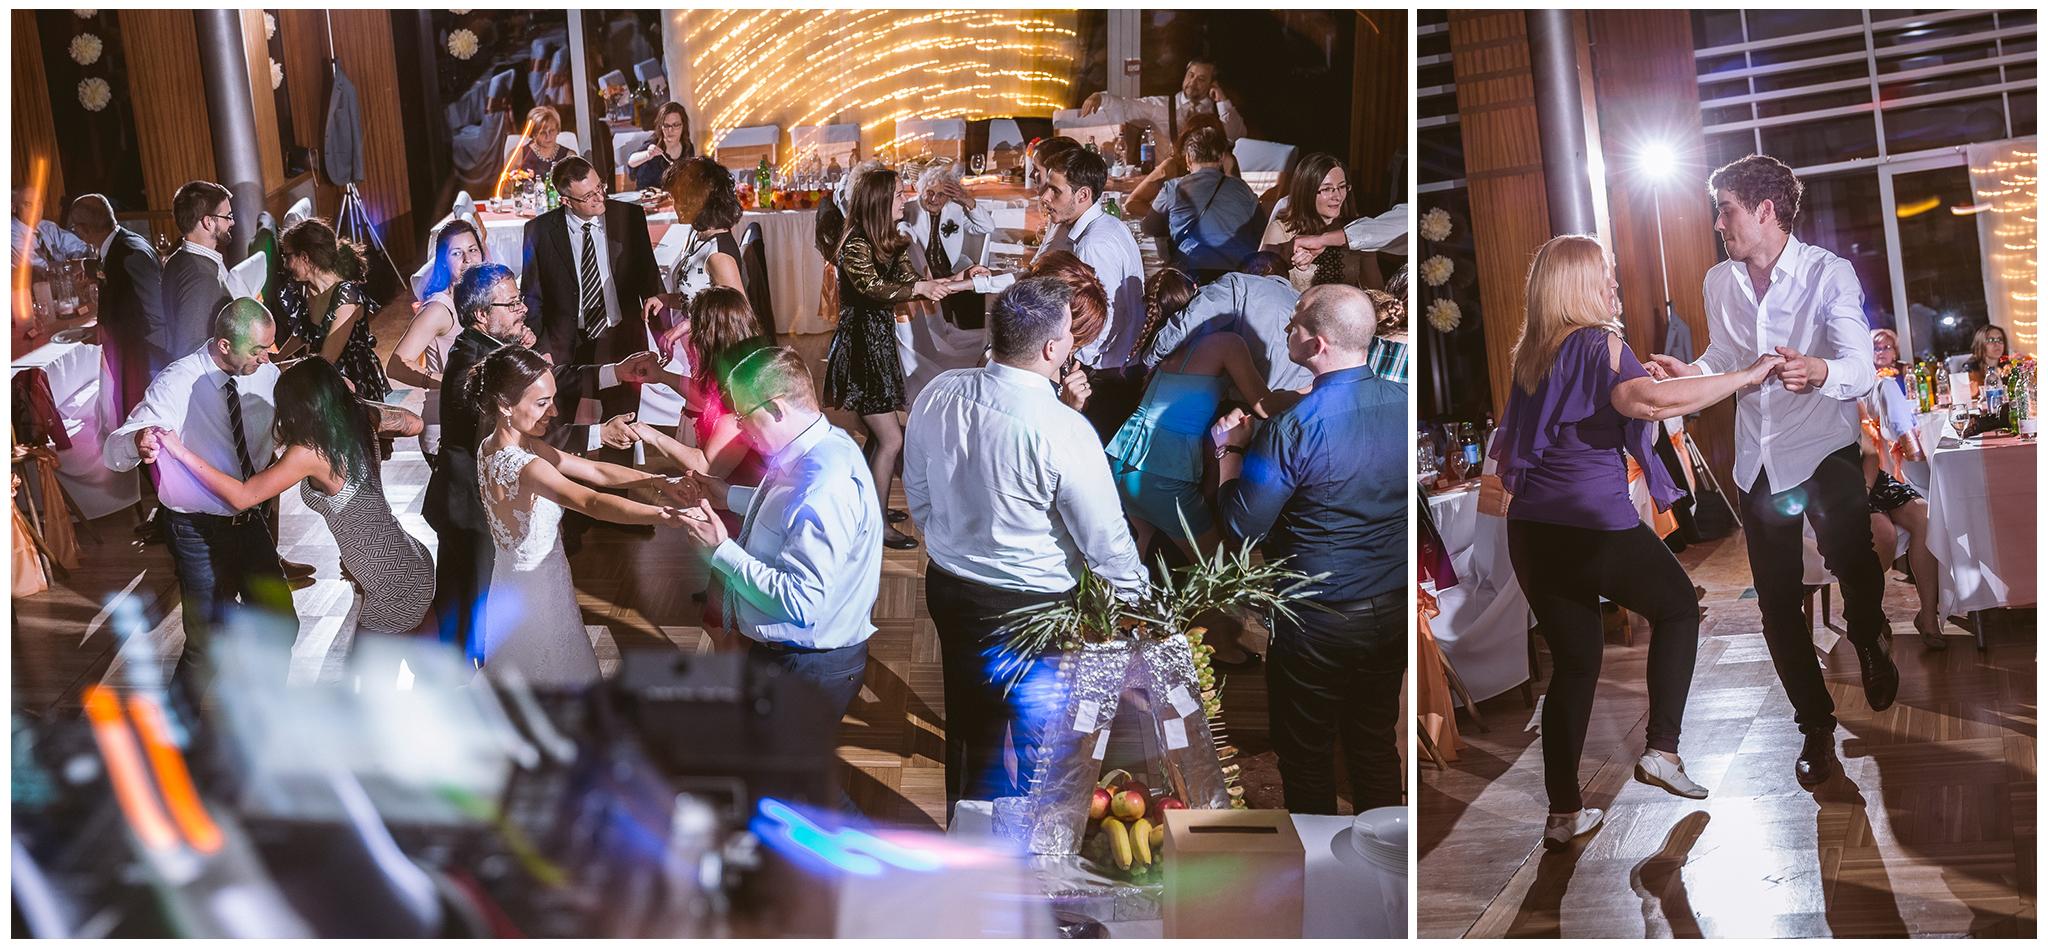 FylepPhoto, esküvőfotós, esküvői fotós Körmend, Szombathely, esküvőfotózás, magyarország, vas megye, prémium, jegyesfotózás, Fülöp Péter, körmend, kreatív, fotográfus_039.jpg